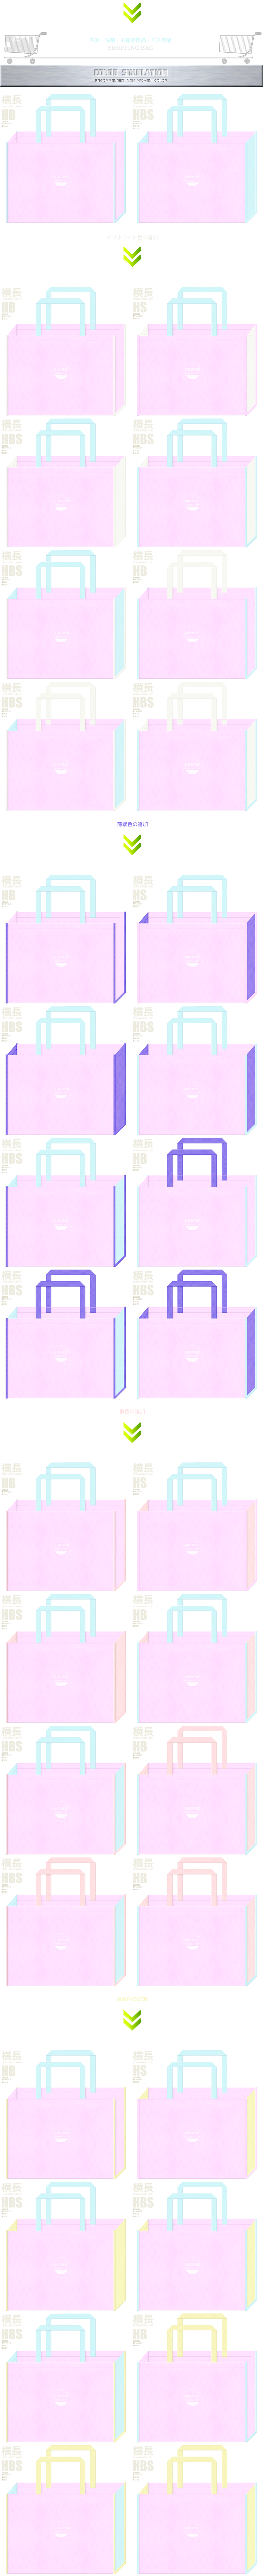 パステルピンク色と水色をメインに使用した、ガーリーデザイン(潤い・マーメイド・フェアリー)の不織布バッグのカラーシミュレーション:石鹸・洗剤・お掃除用品・バス用品のショッピングバッグにお奨め